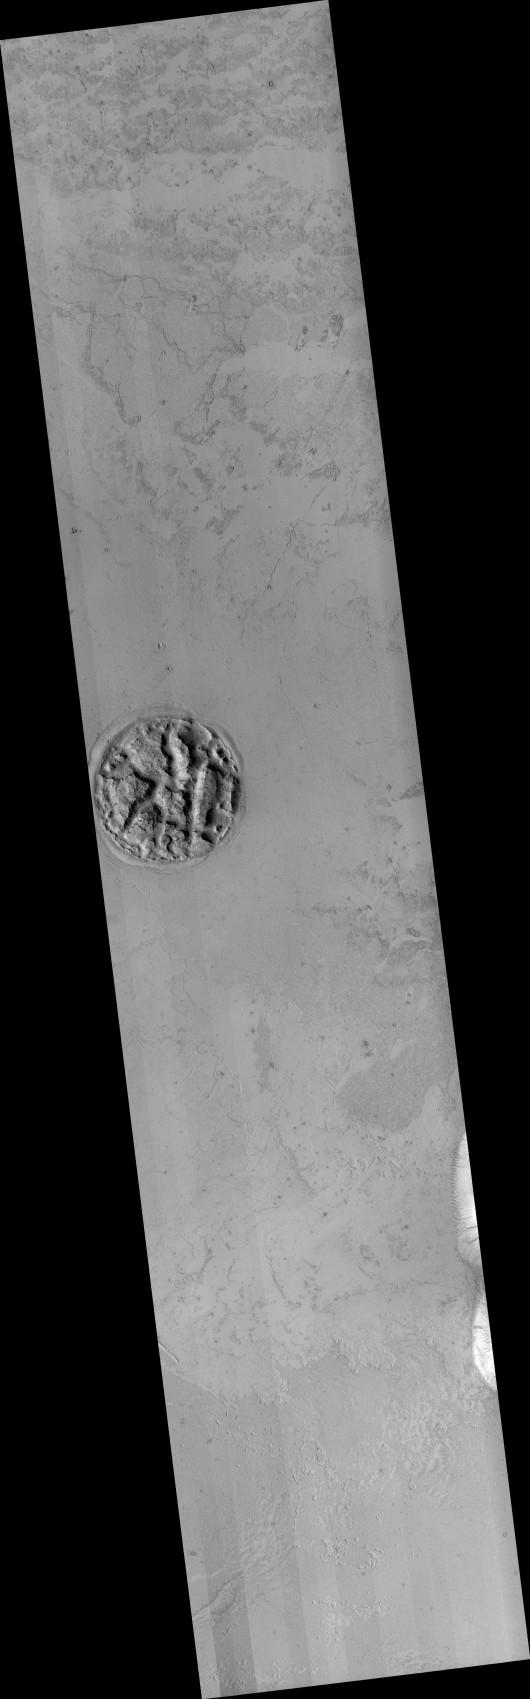 Tajemnicza struktura na Marsie 2